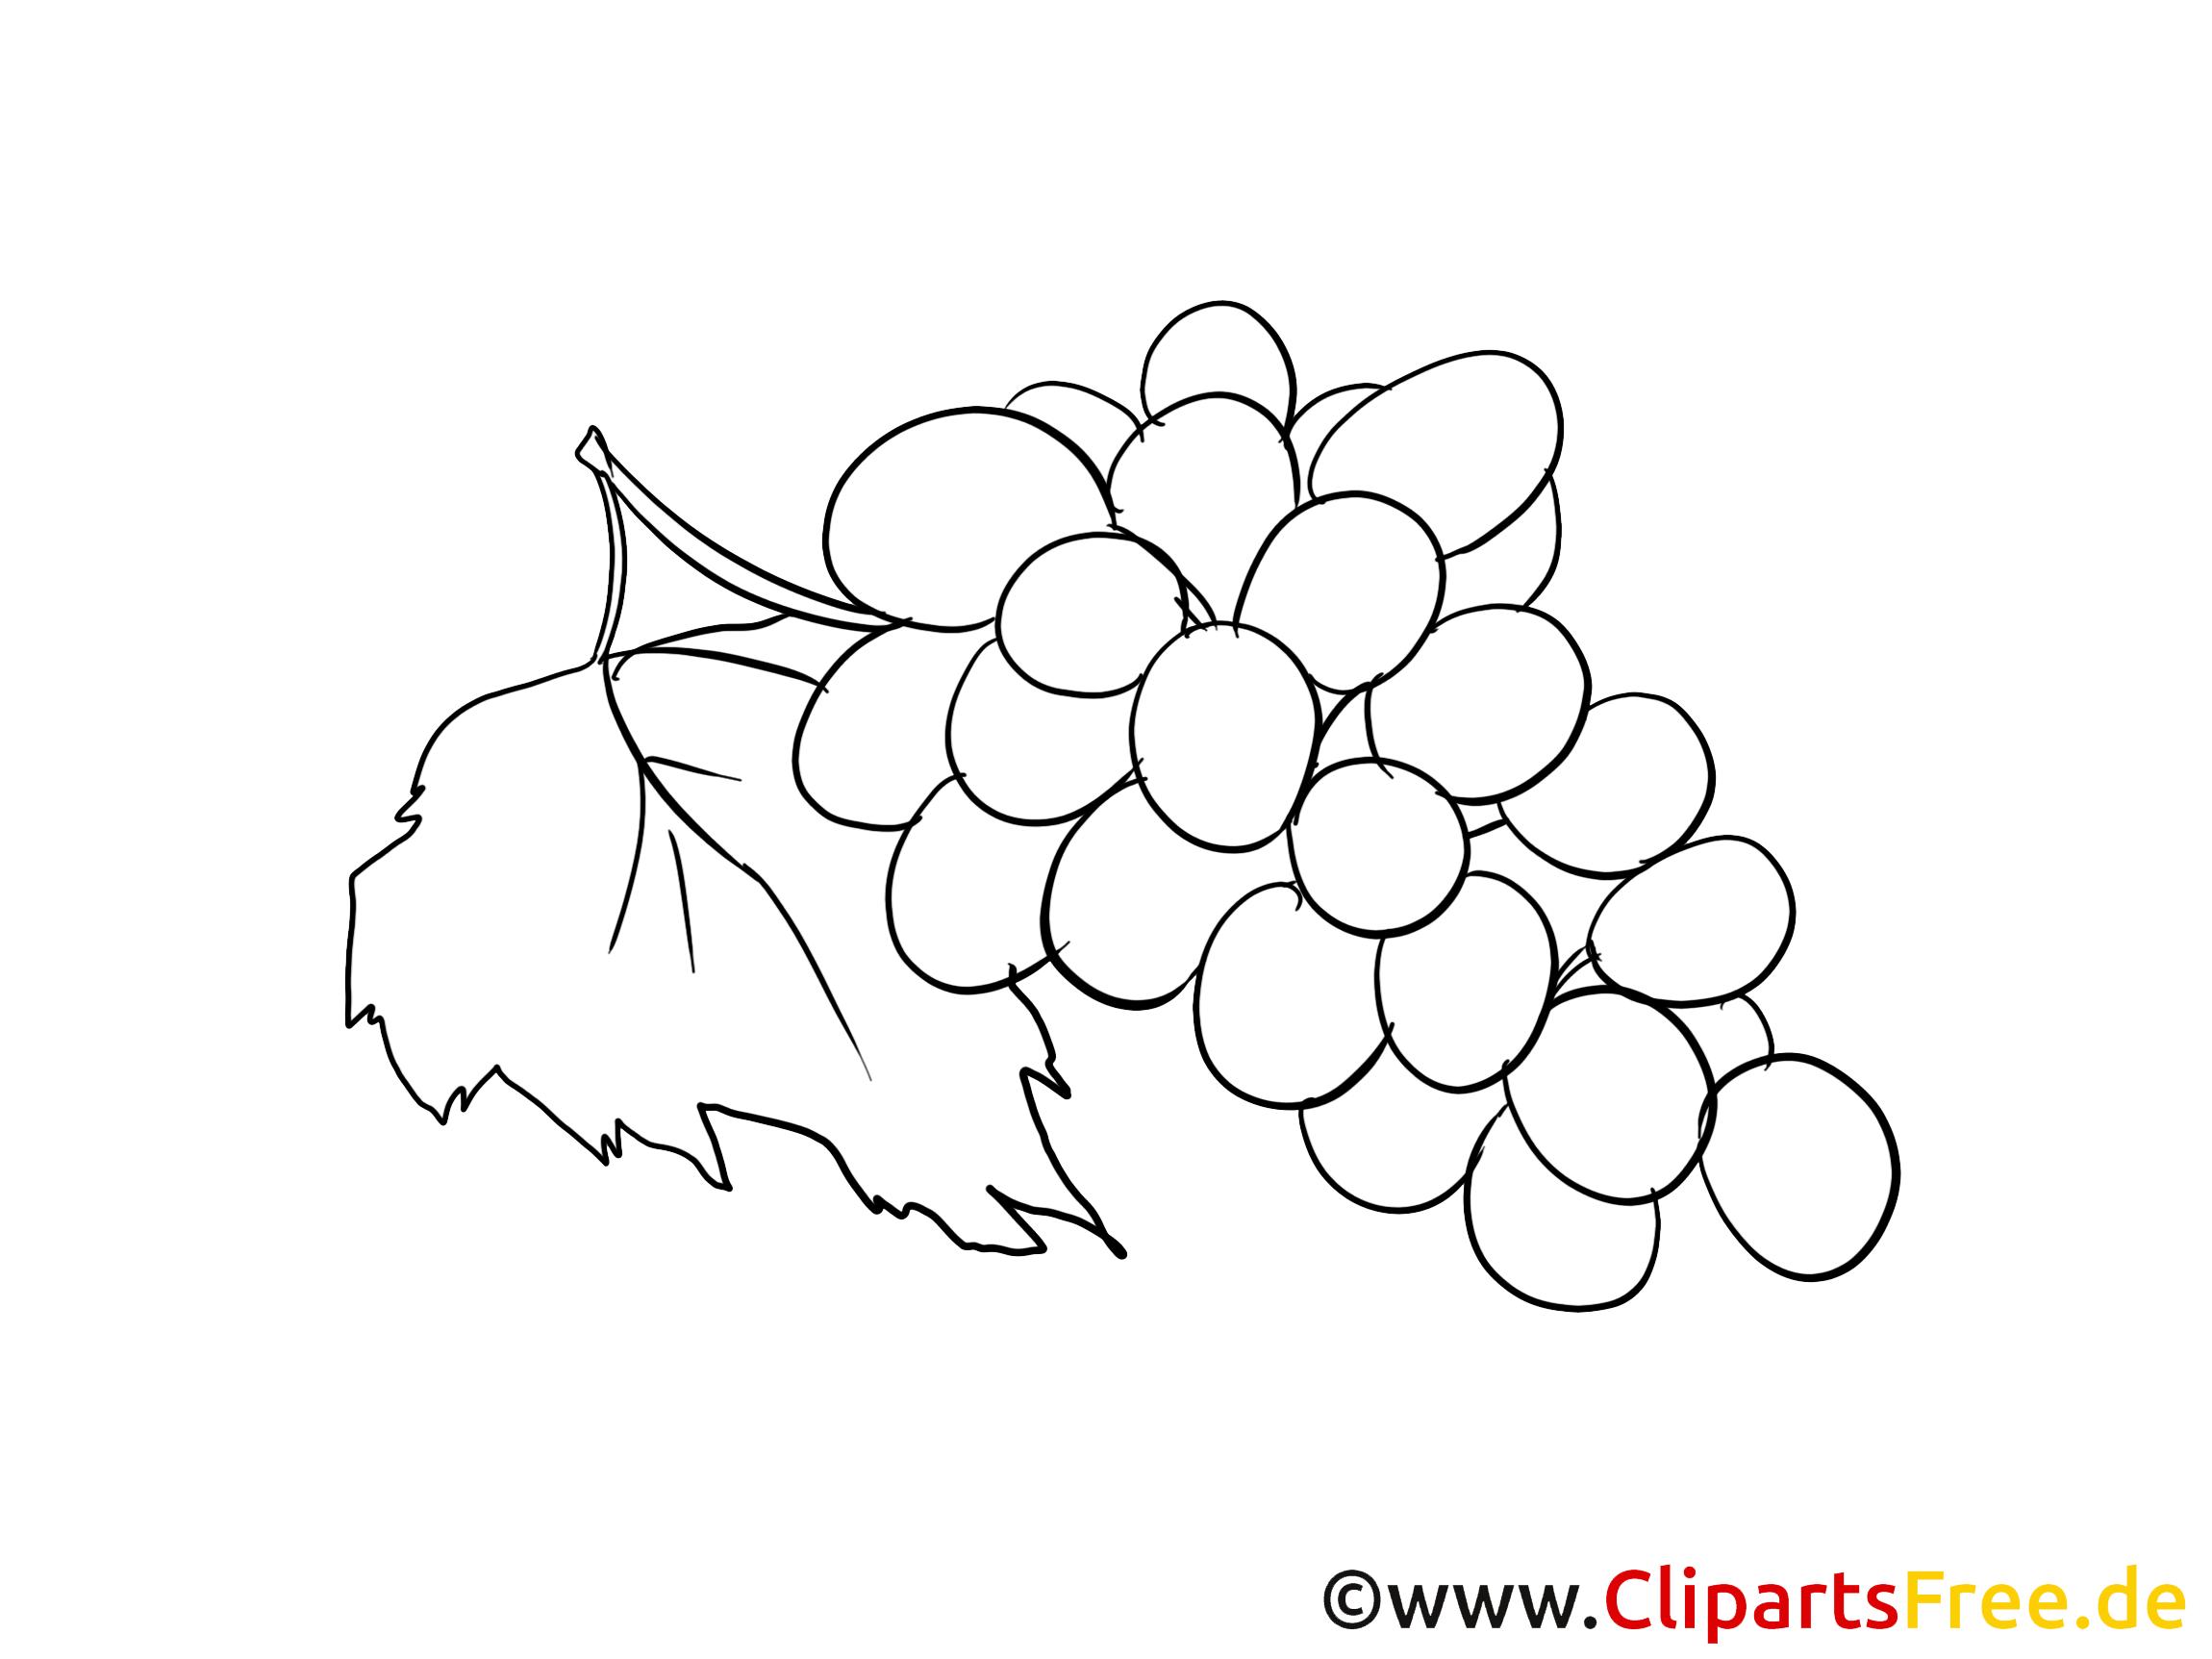 clipart kostenlos birnen - photo #23